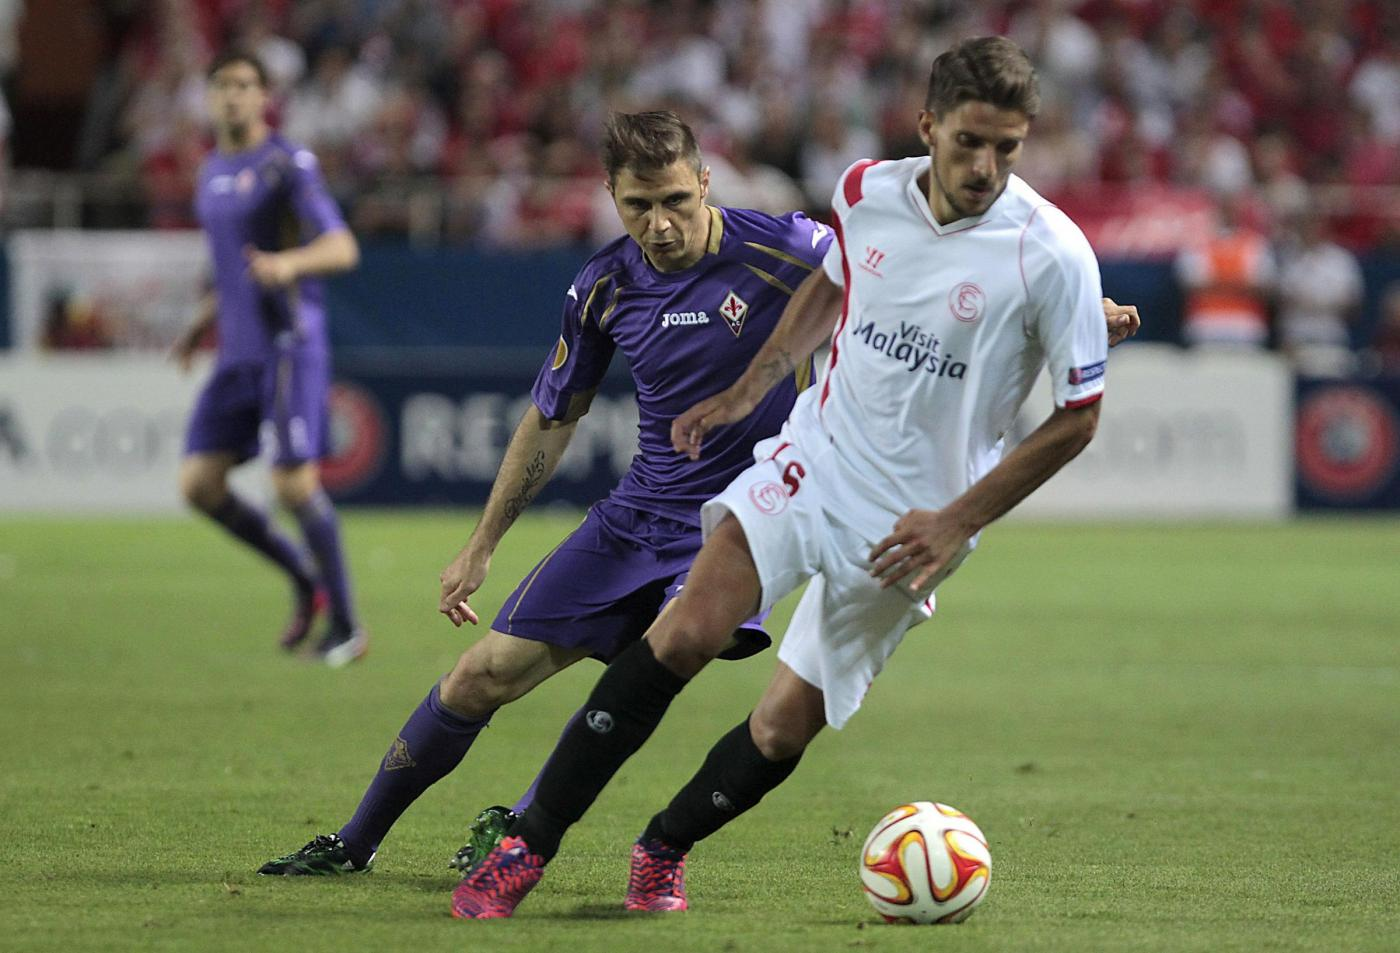 Europa League: Fiorentina vs Siviglia 0-2, Montella si sfoga